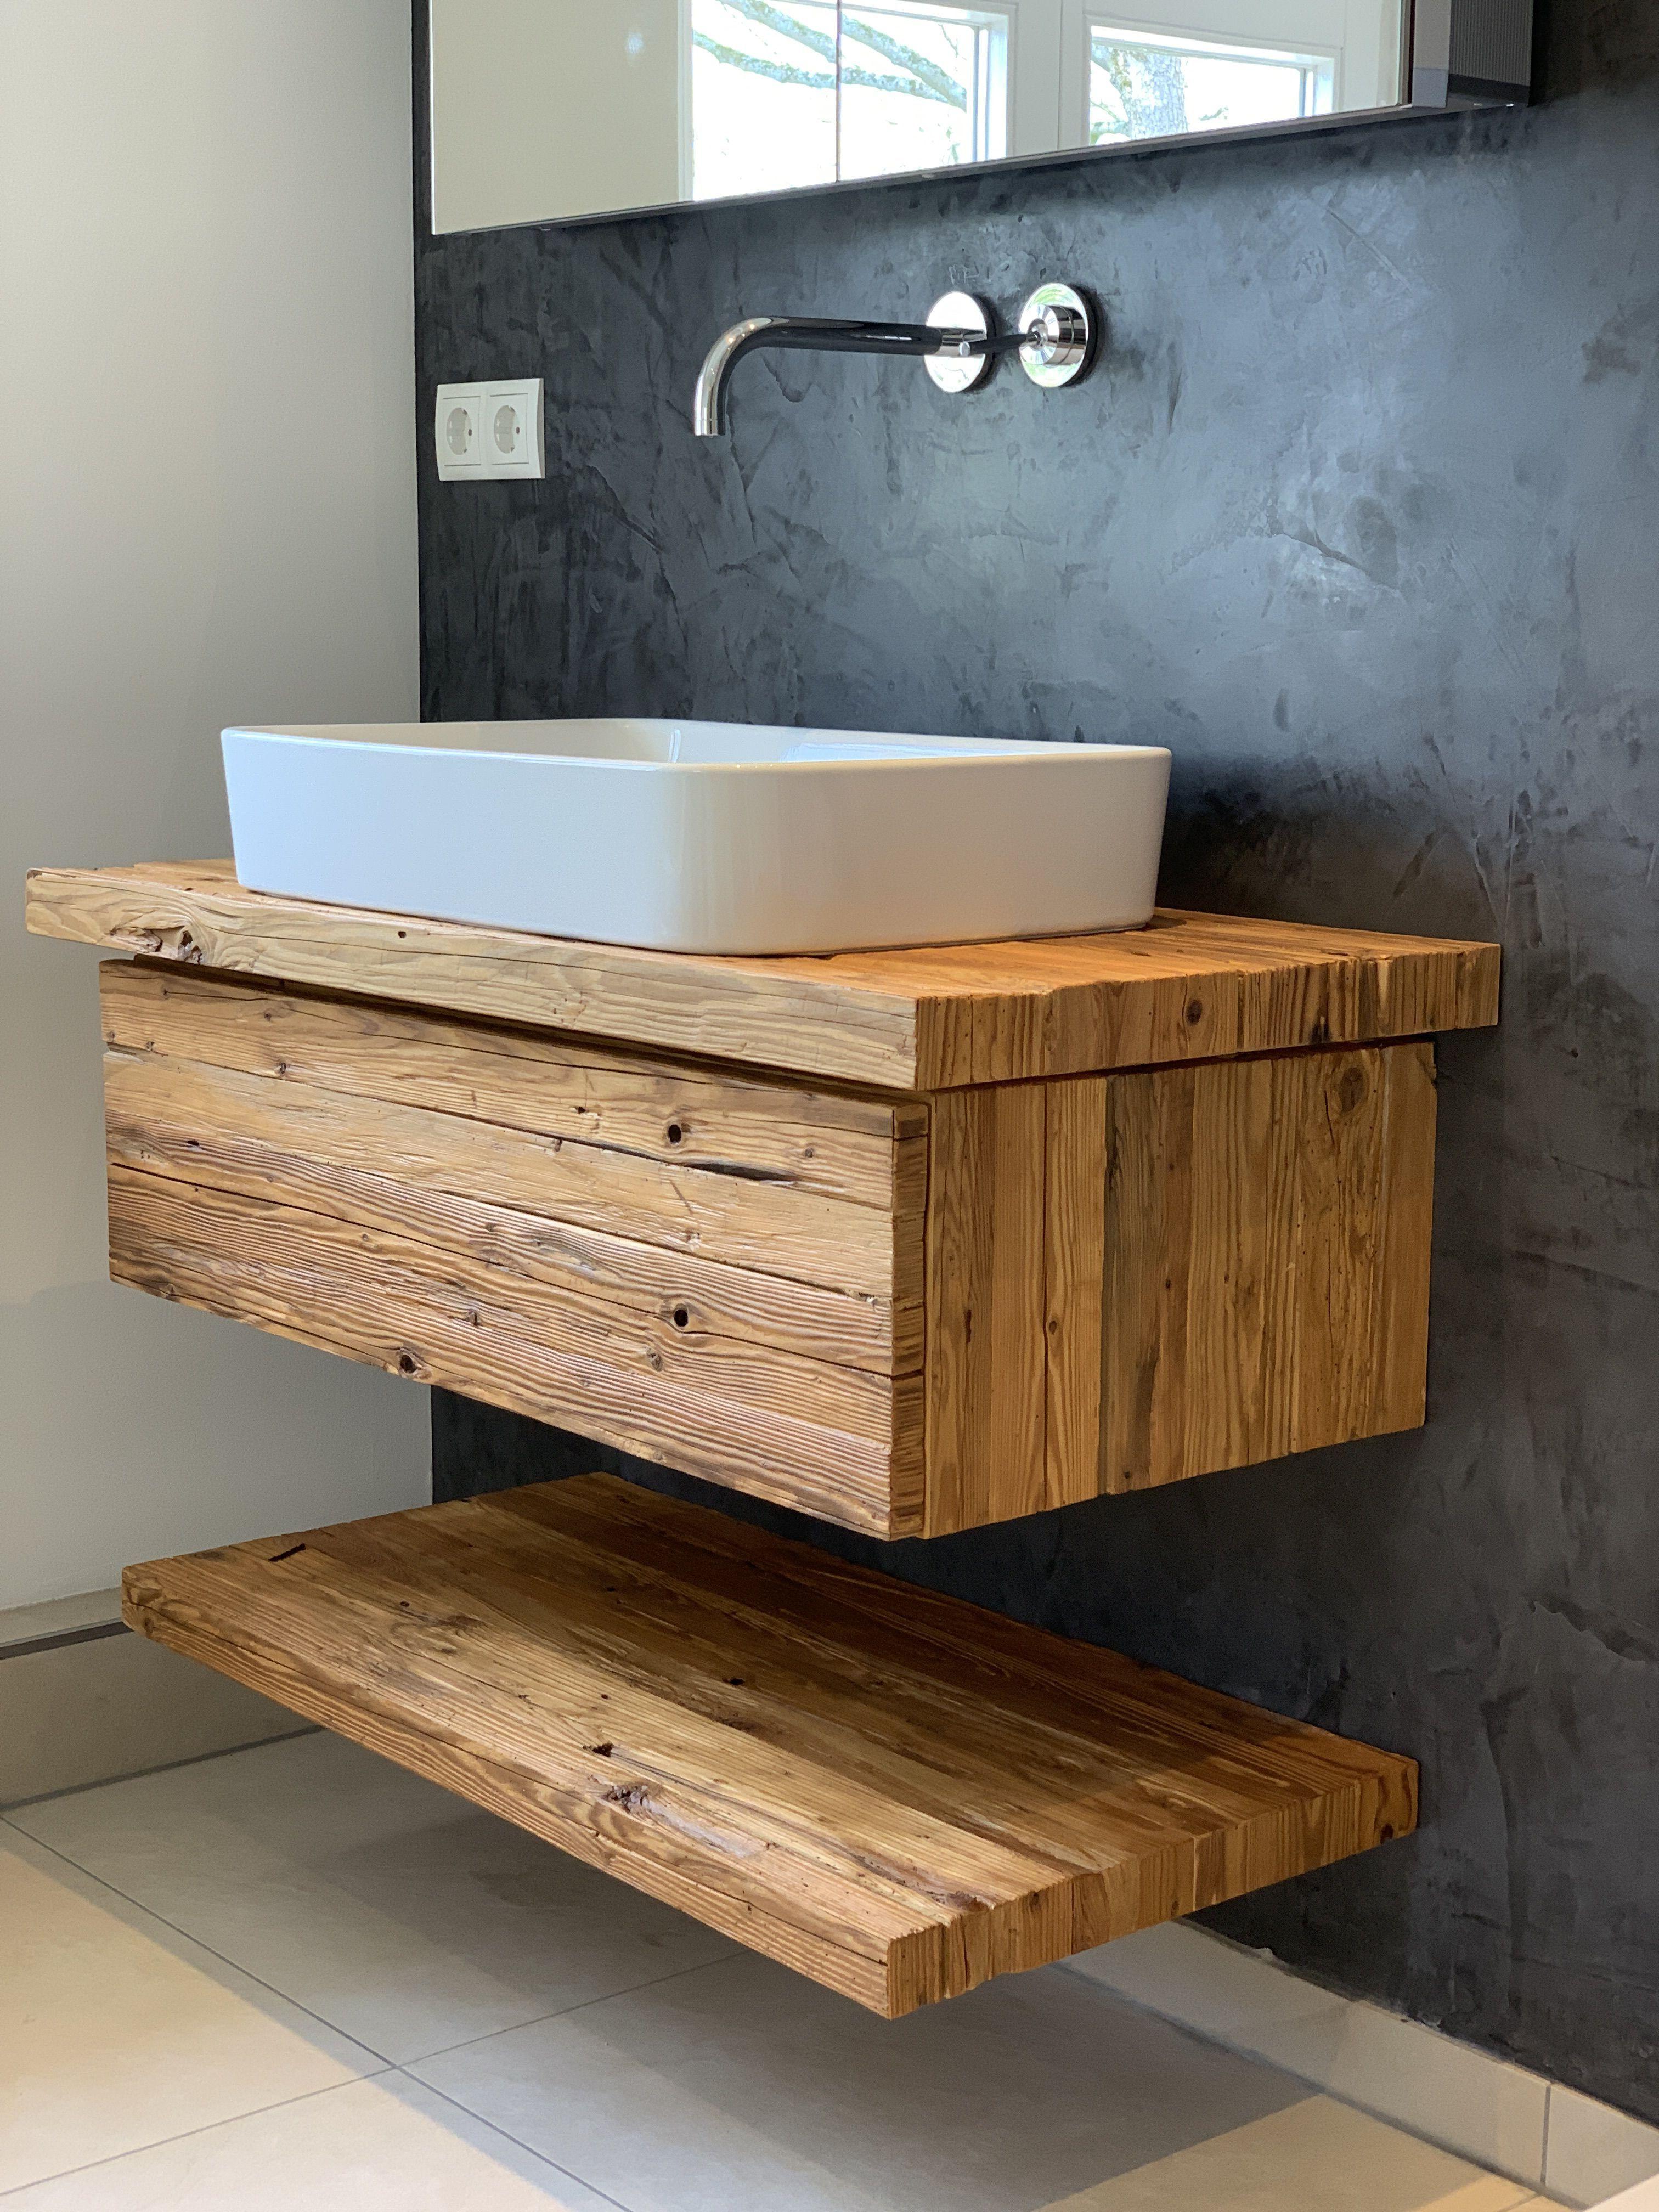 Badezimmer Badmobel Badezimmermobel Badmobel Set Spiegelschrank Bad Badezimmerschrank Badspiegel Badheizkorper Badschrank In 2020 Wood Vanity Old Wood Vanity